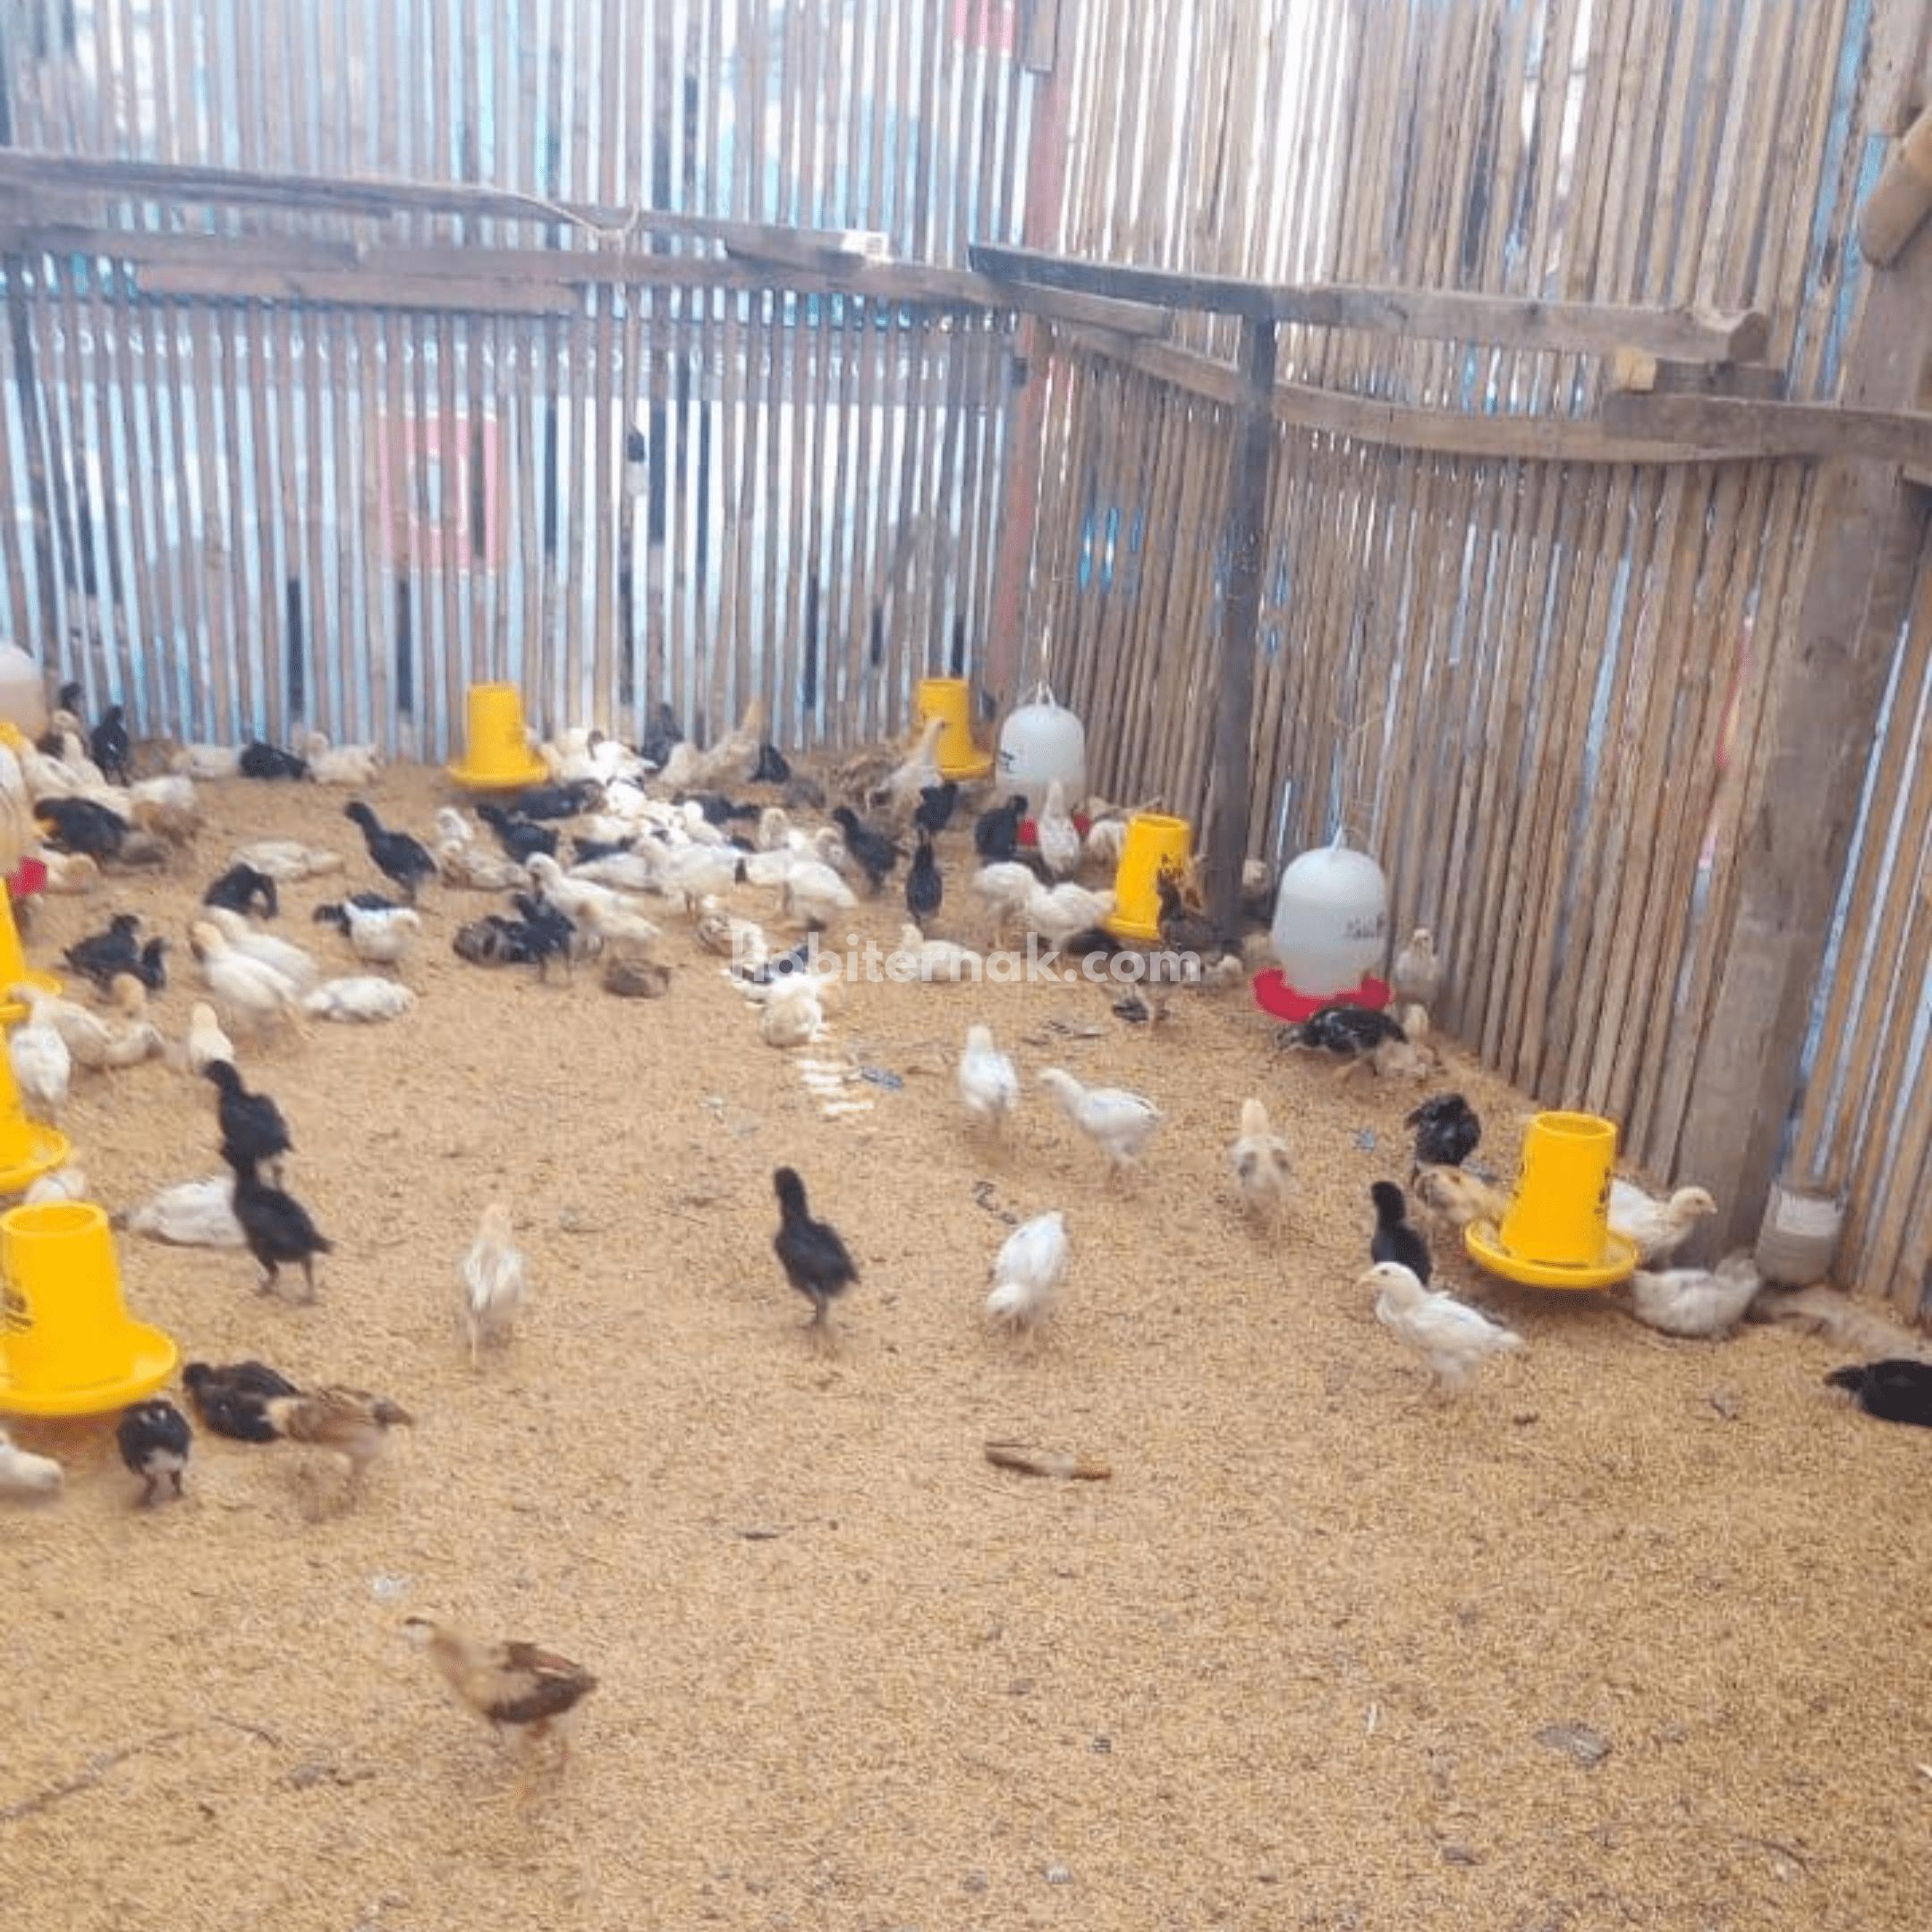 Agar ayam JOPER dapat tumbuh dengan baik maka peternak perlu memperhatikan menejemen pembuatan kandang dengan maksimal | gambar 2